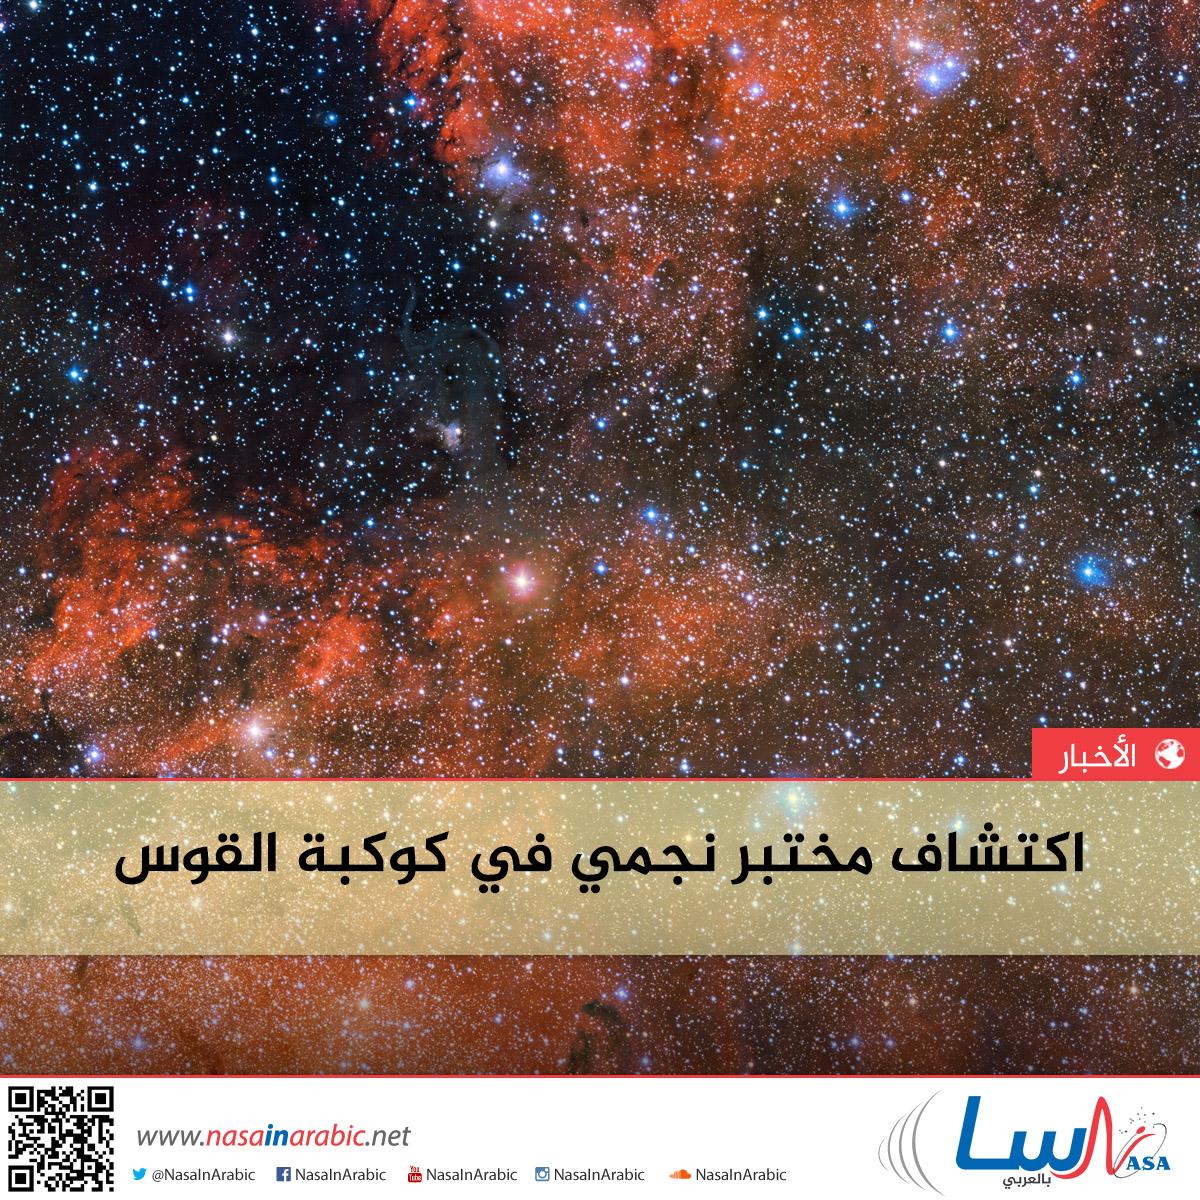 اكتشاف مختبر نجمي في كوكبة القوس